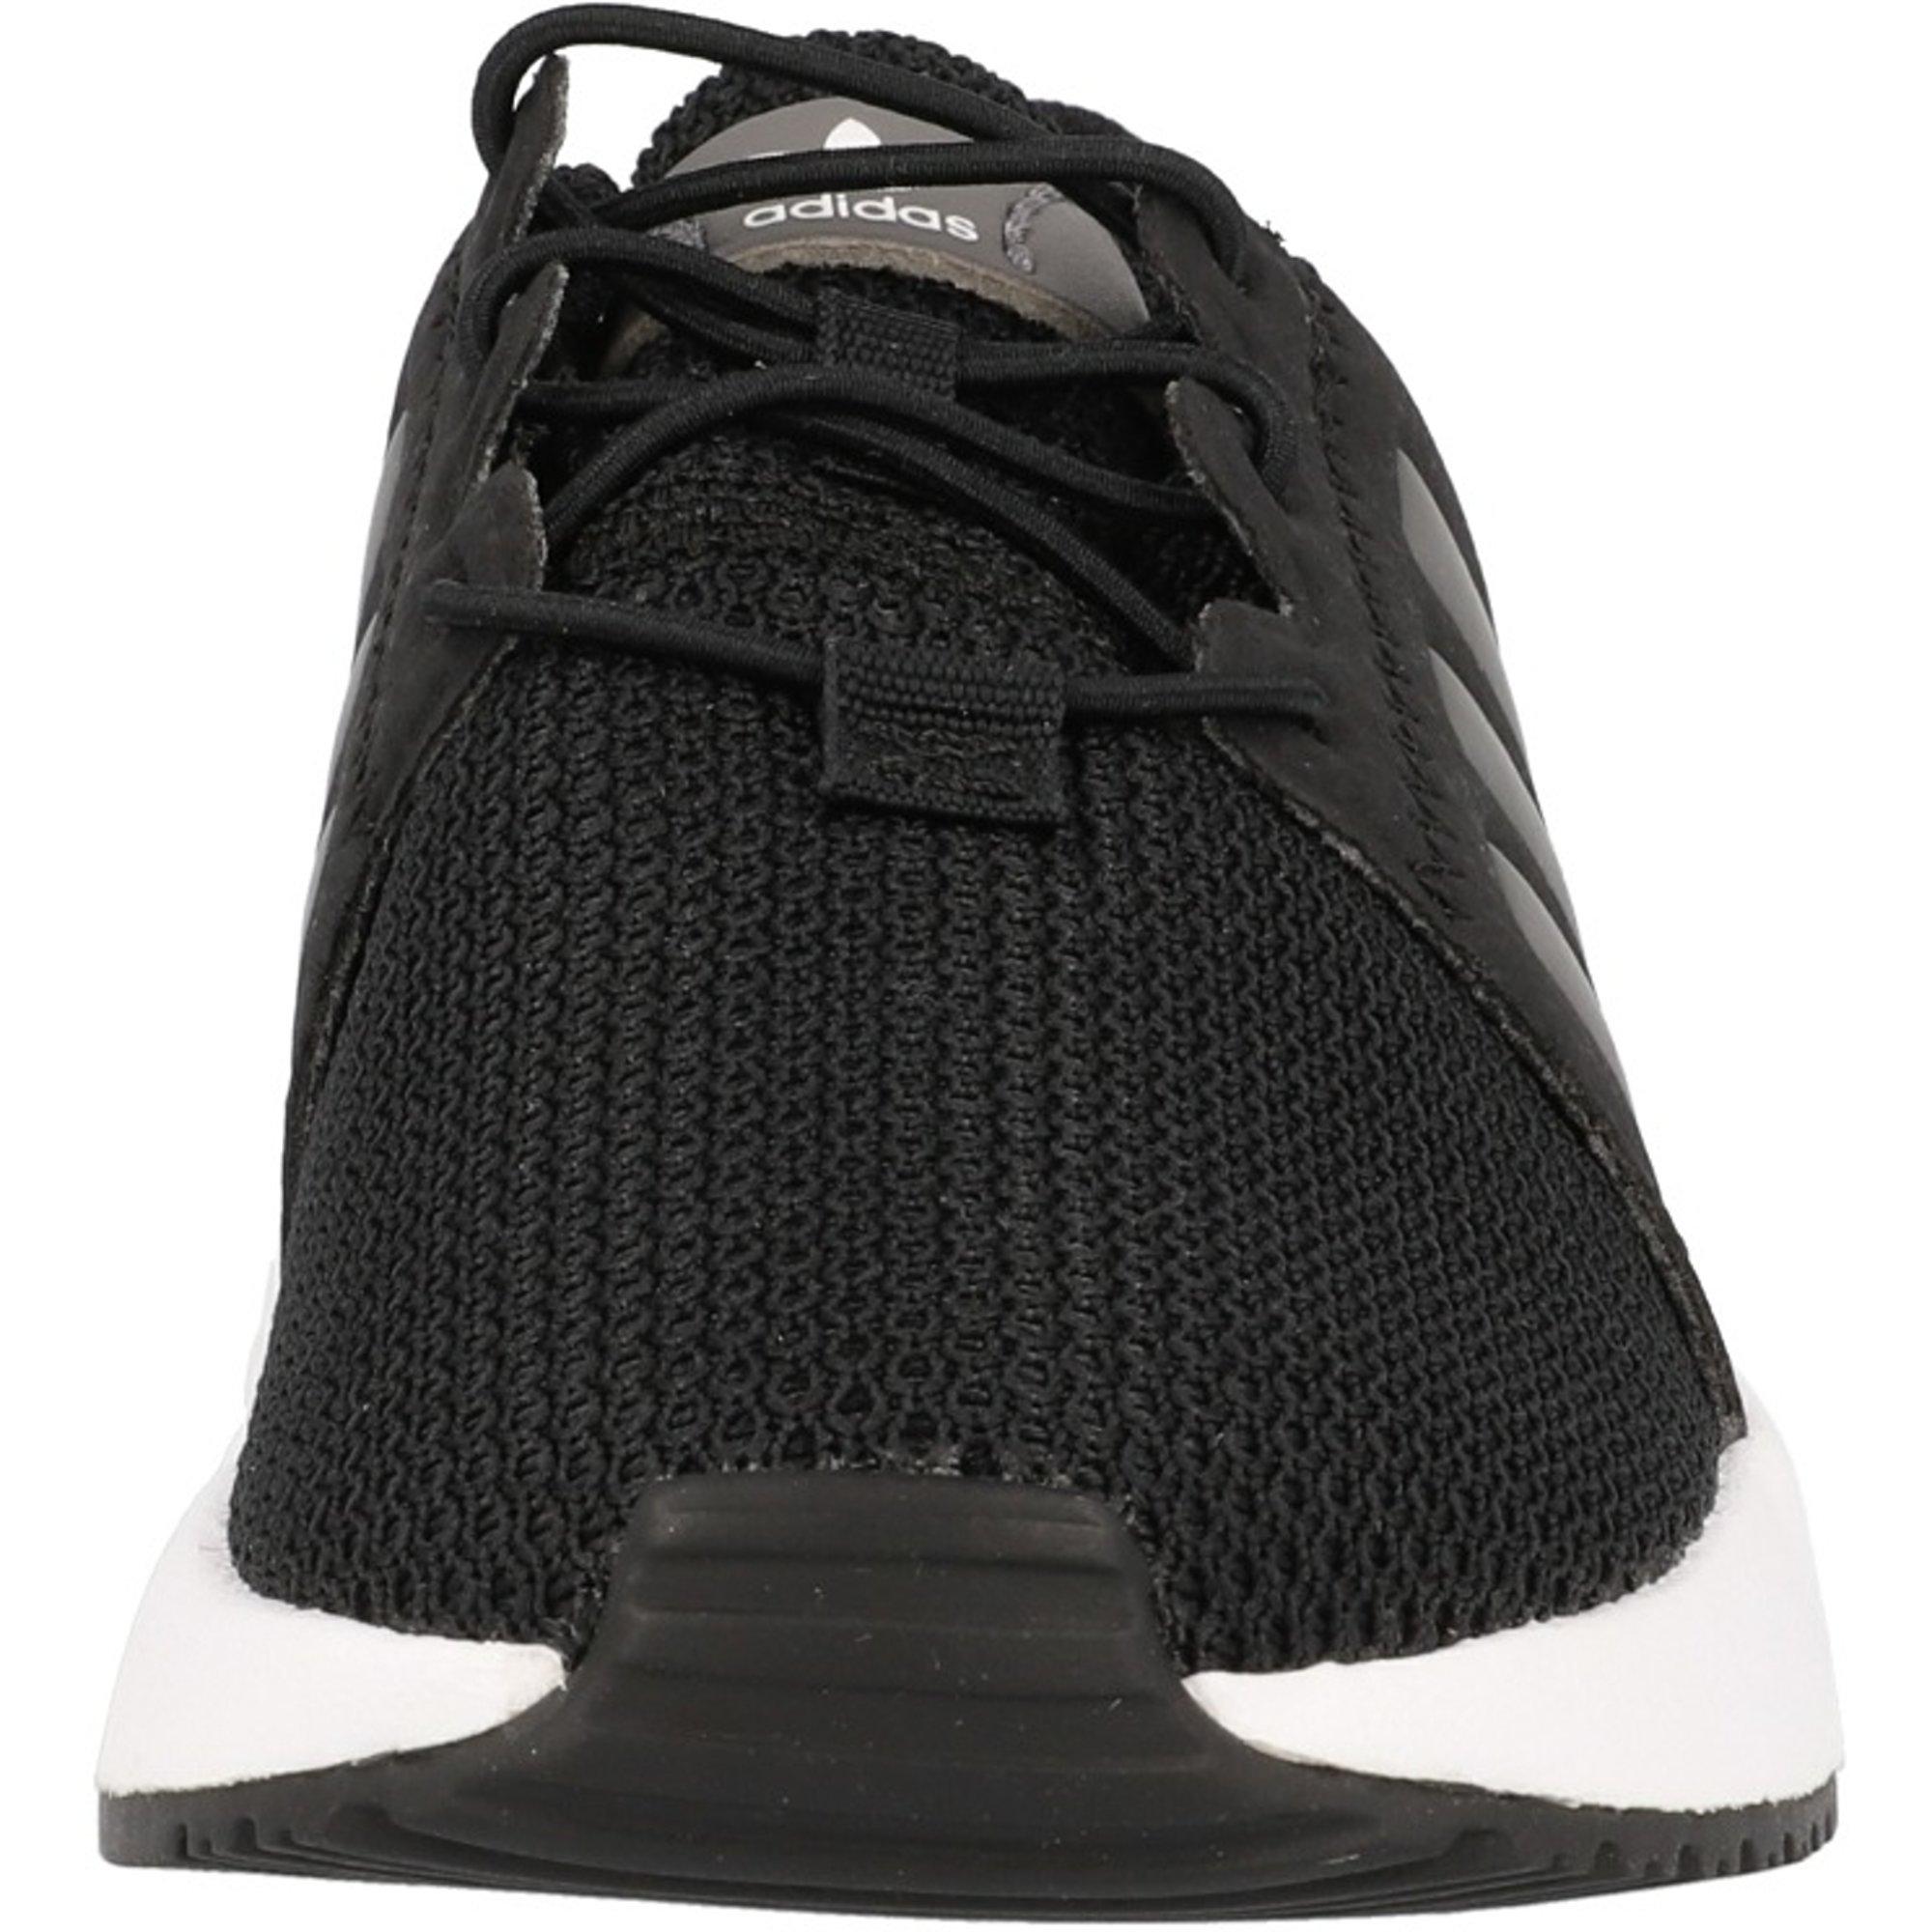 adidas Originals X/_PLR EL I Black//Grey Four Textile Infant Trainers